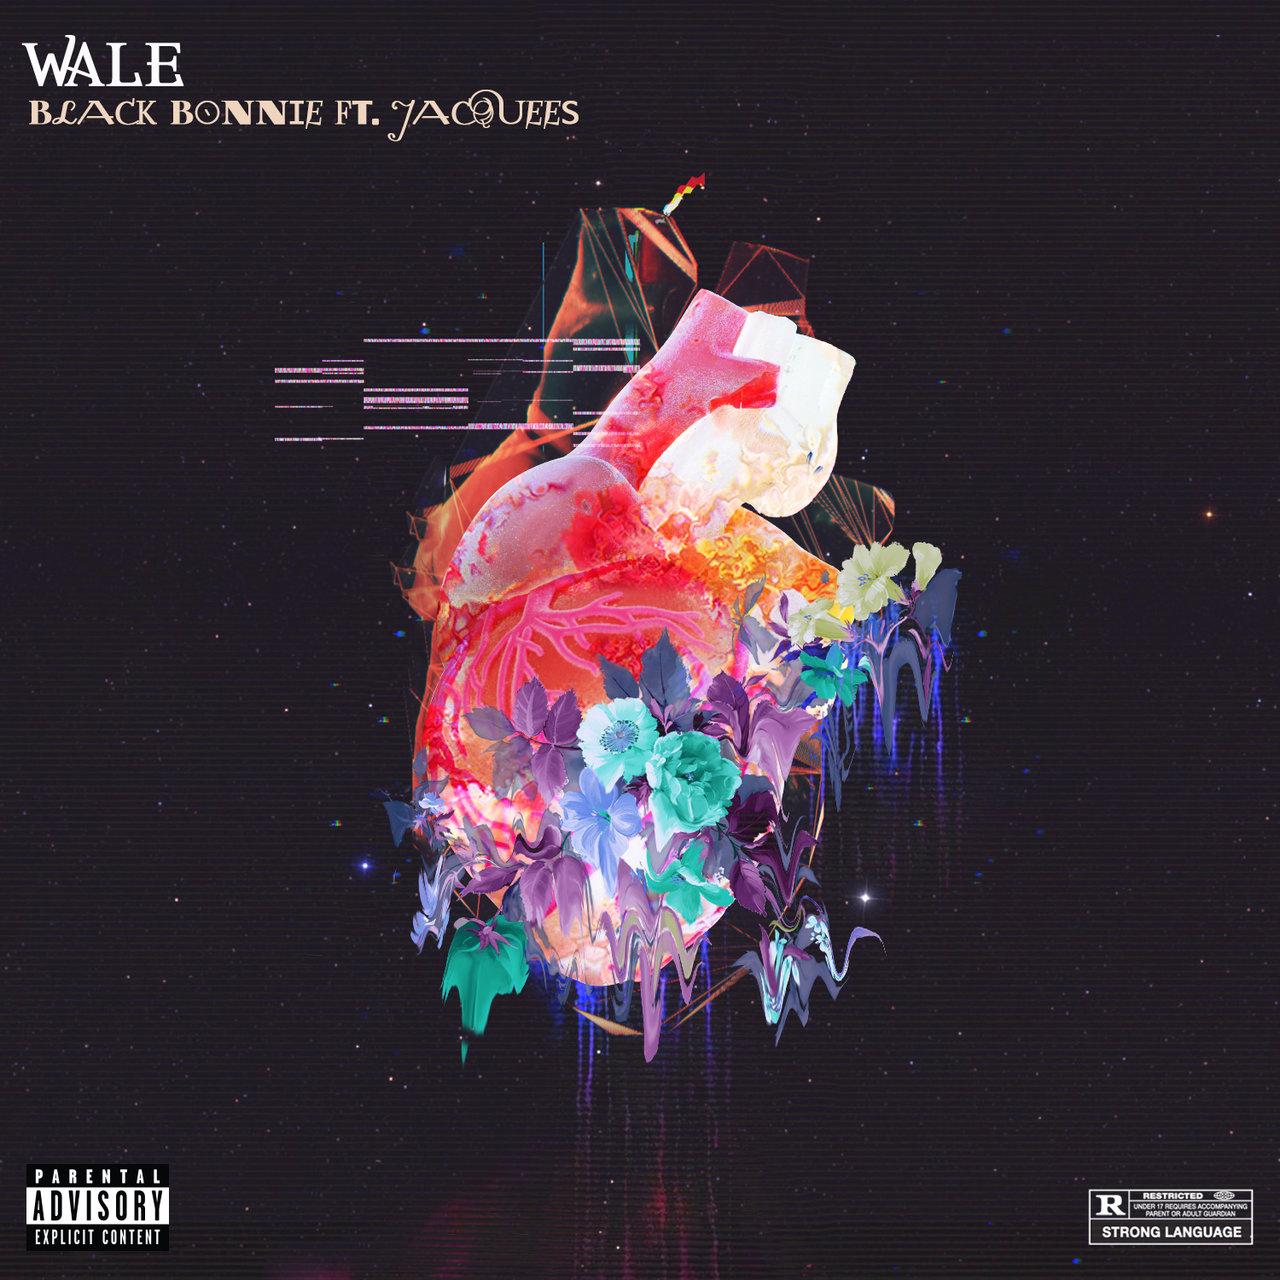 Tidal Listen To Wale On Tidal